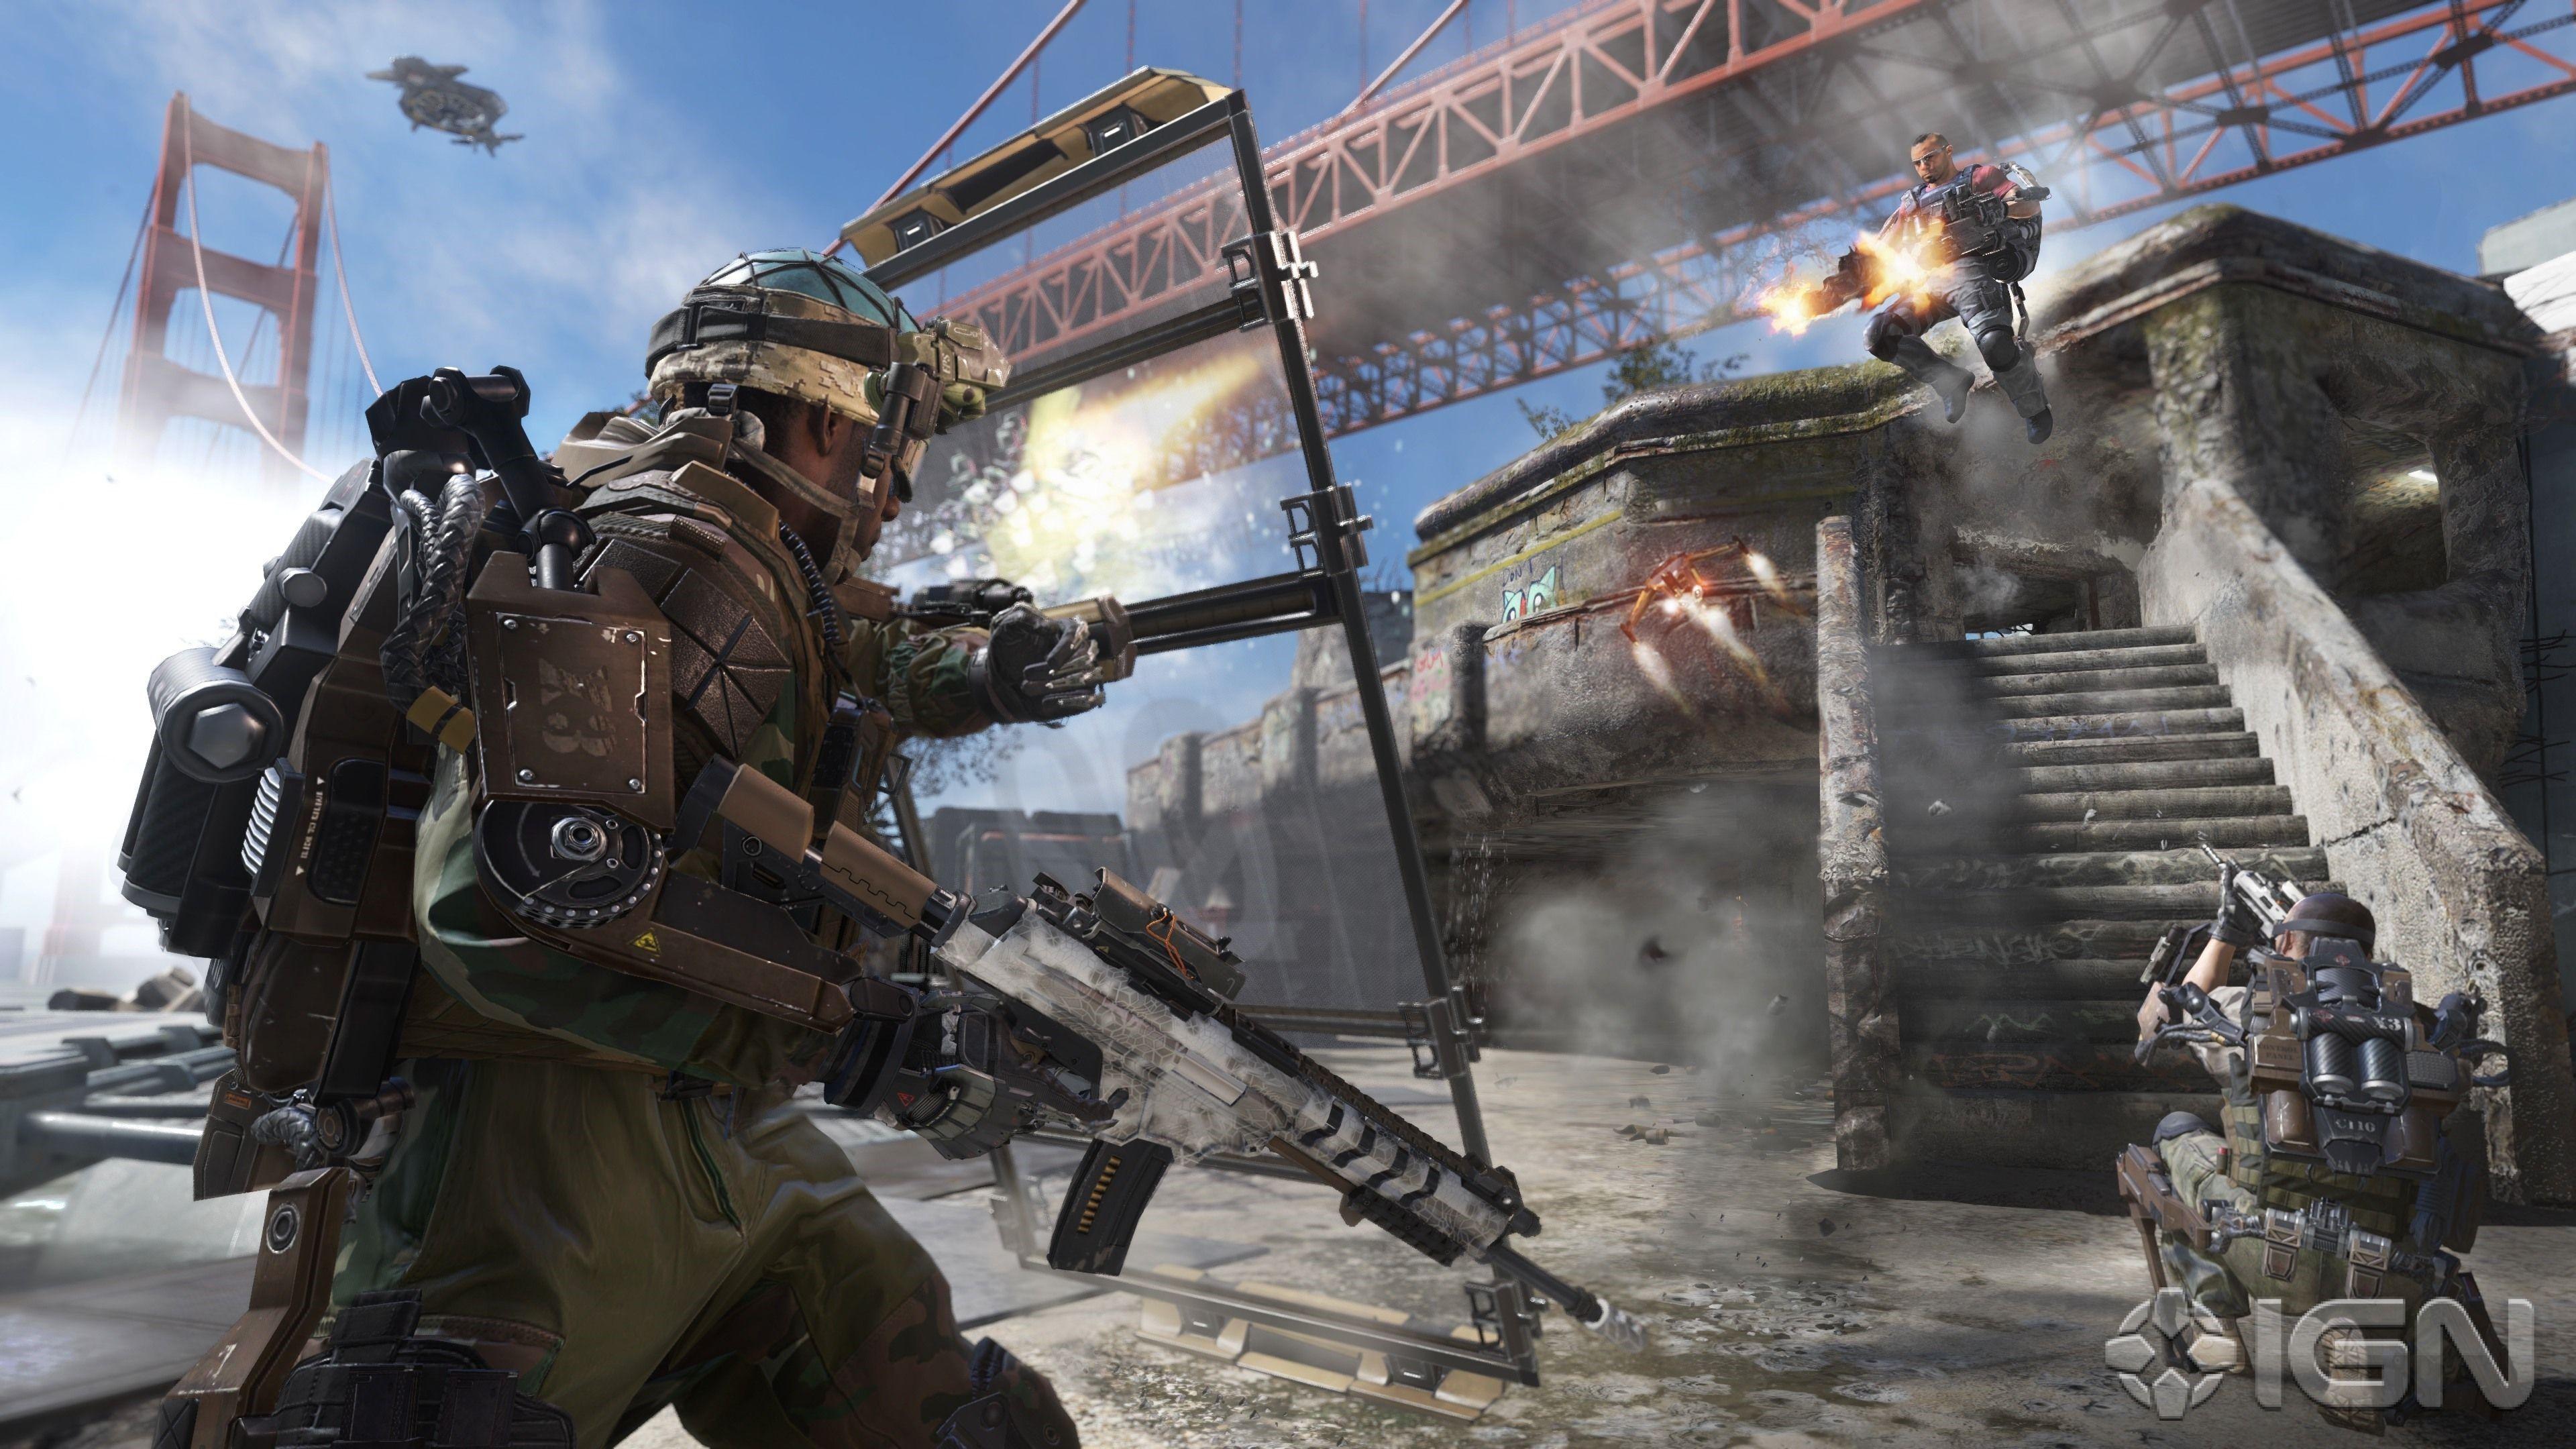 Call Of Duty Modern Warfare Call Of Duty Modern Warfare Beta G2a Call Of Duty Advanced Warfare Call Of Duty Aw